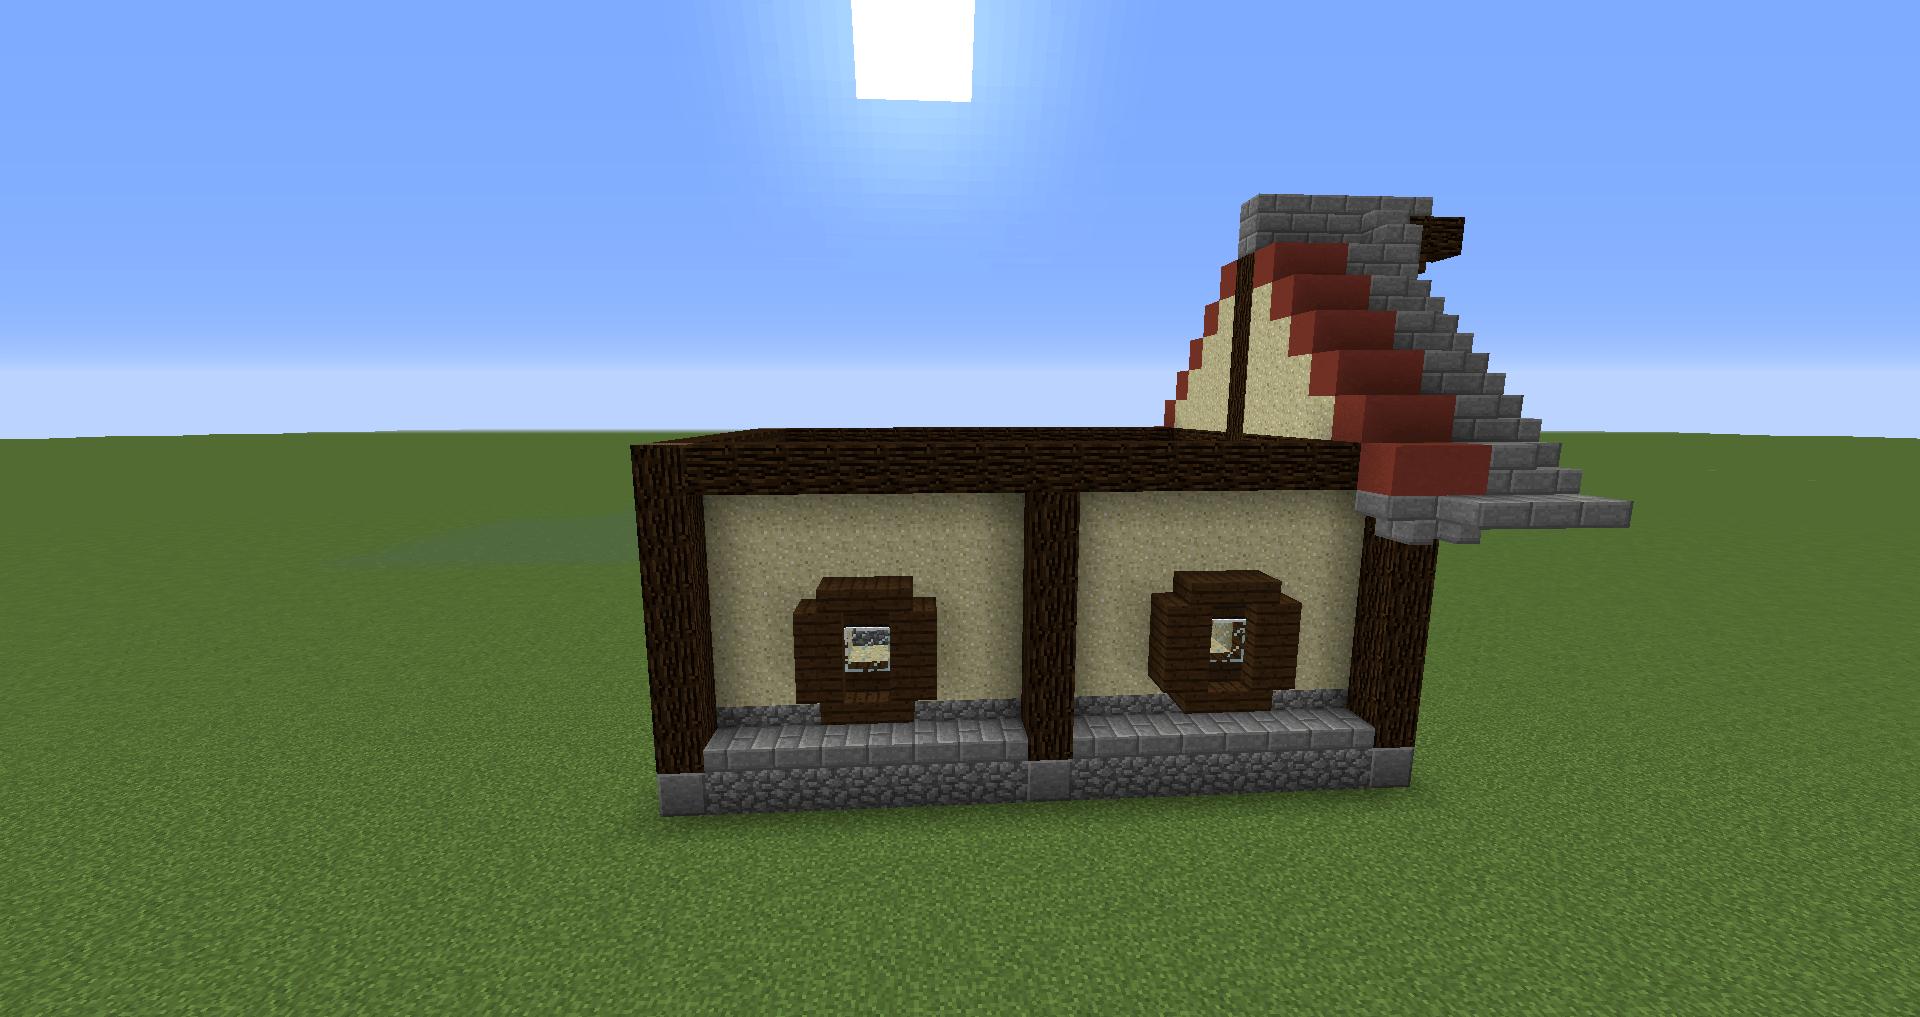 マインクラフト 風車小屋の作り方 簡単建築28